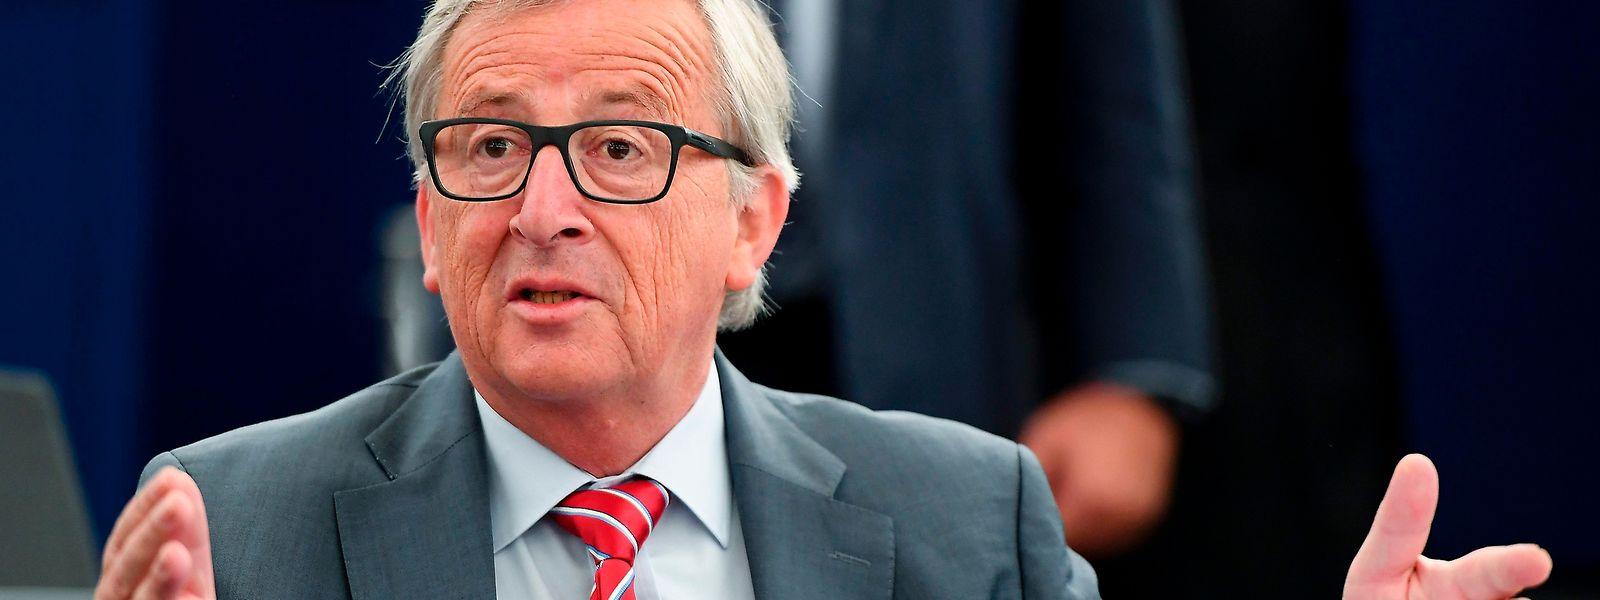 Kommissionspräsident Jean-Claude Juncker stellte sein milliardenschweres Investitionsprogramm Ende 2014 vor.